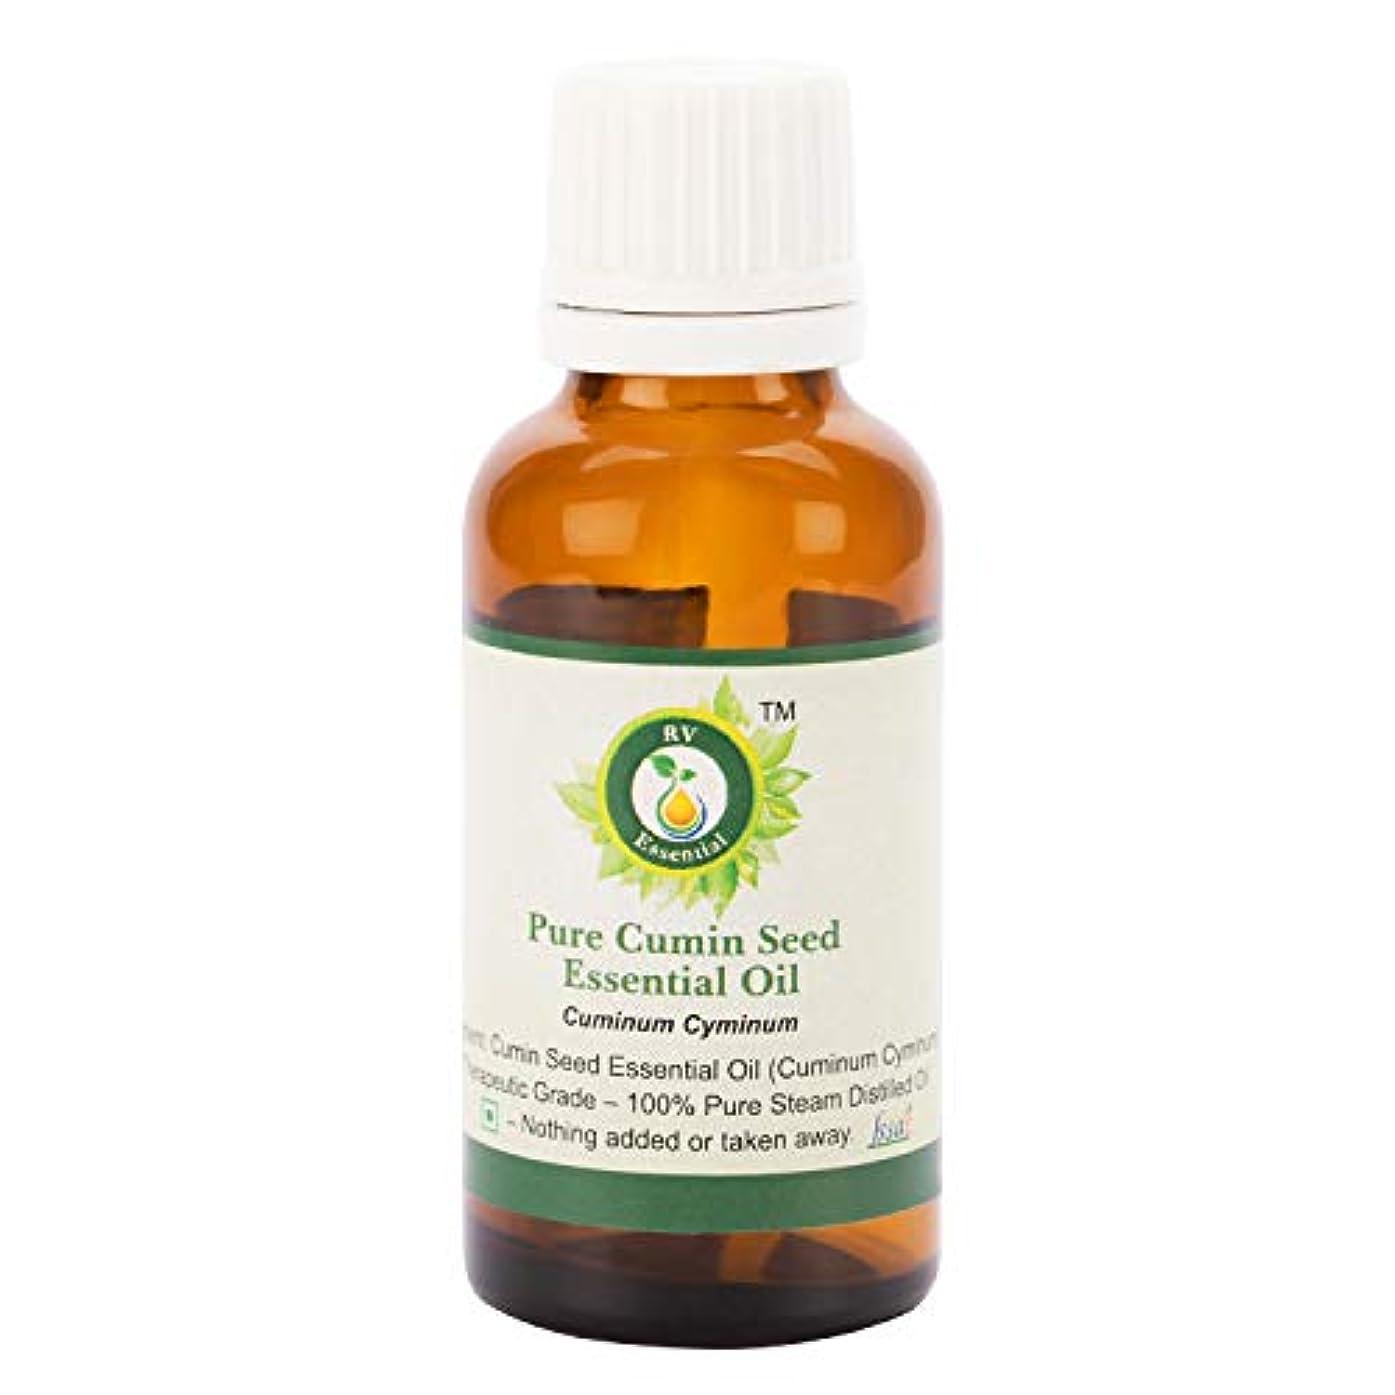 繊維付き添い人ロープピュアクミンシードエッセンシャルオイル5ml (0.169oz)- Cuminum Cyminum (100%純粋&天然スチームDistilled) Pure Cumin Seed Essential Oil